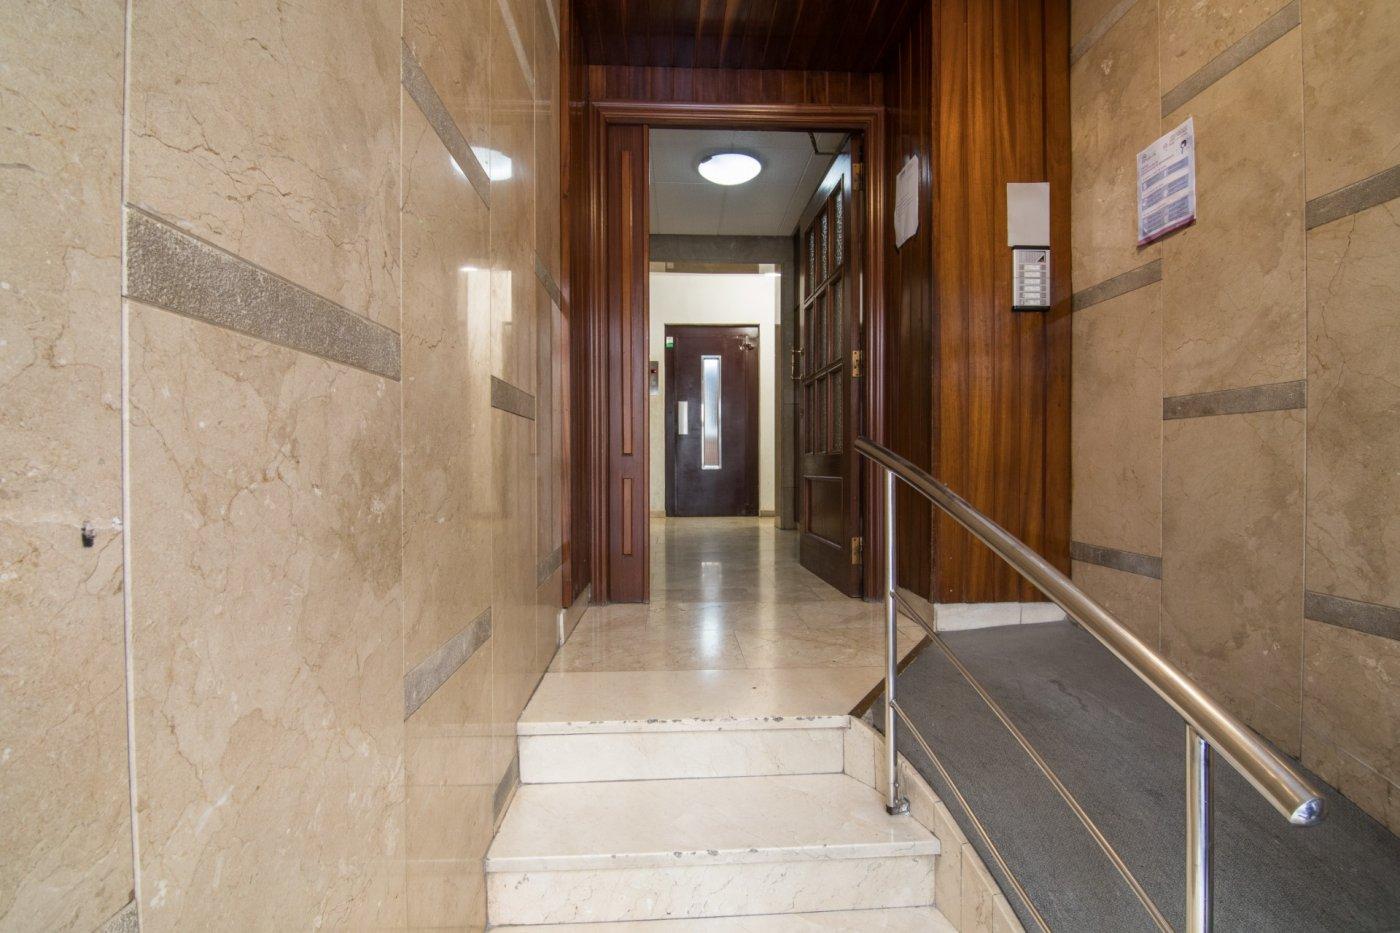 Piso · Elche · Centro 210.000€€